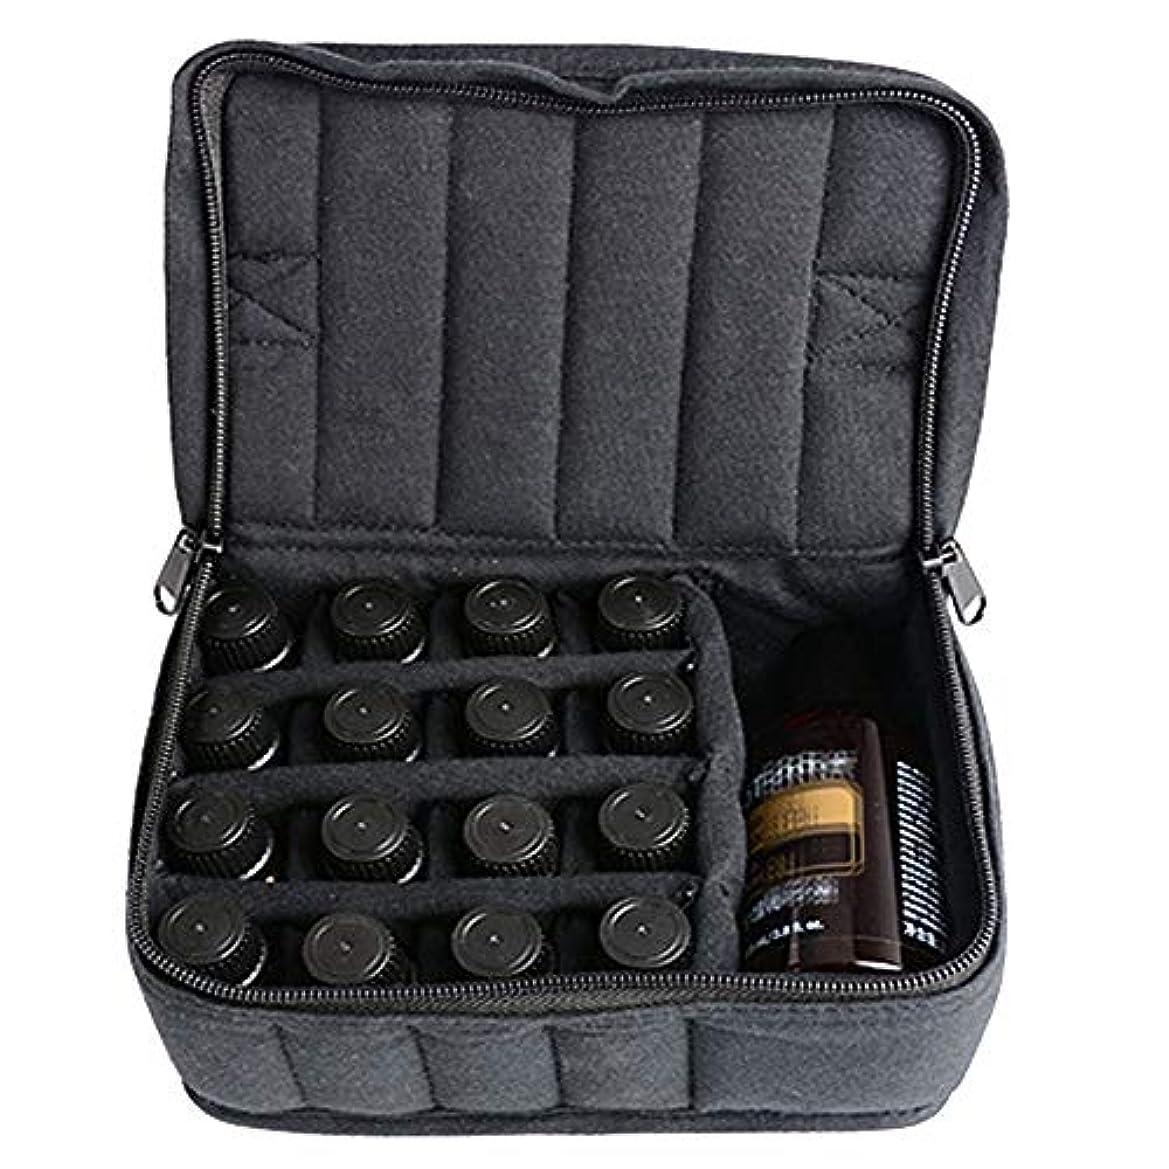 リマーク後方パーク精油ケース ソフト17本のボトルエッセンシャルオイルキャリングケースは、旅行ブラックパープルのために17本のボトル5ミリリットル/ 10ミリリットル/ 15ミリリットルを開催します 携帯便利 (色 : ブラック, サイズ...